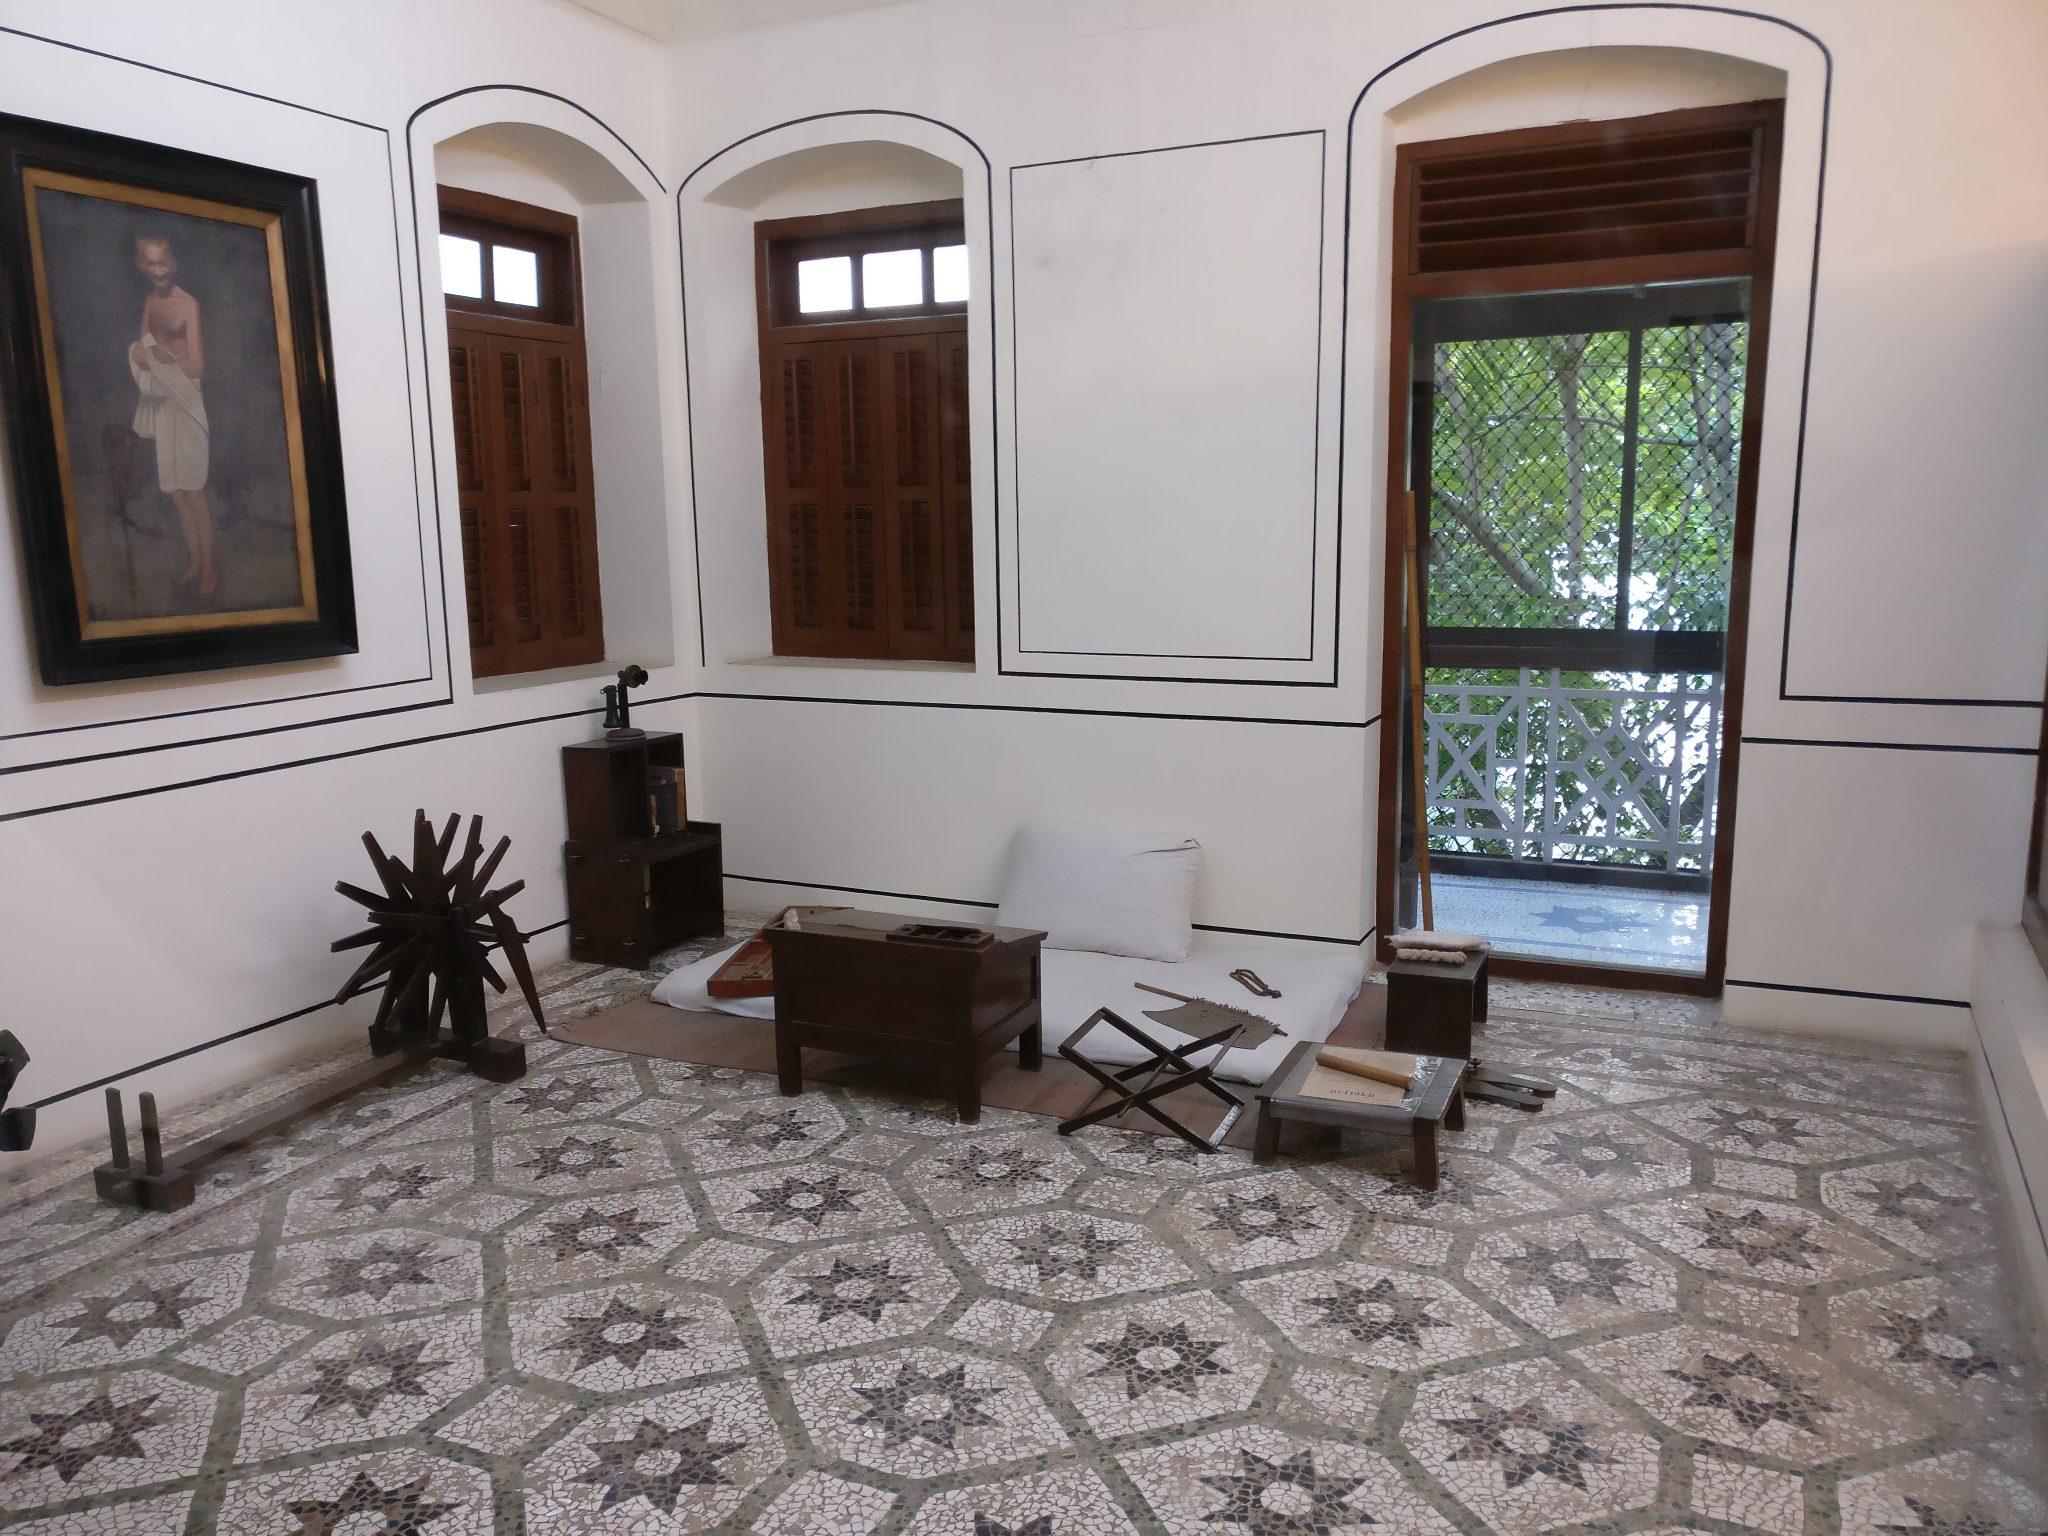 Gandhi's room, in the Gandhi Memorial Museum